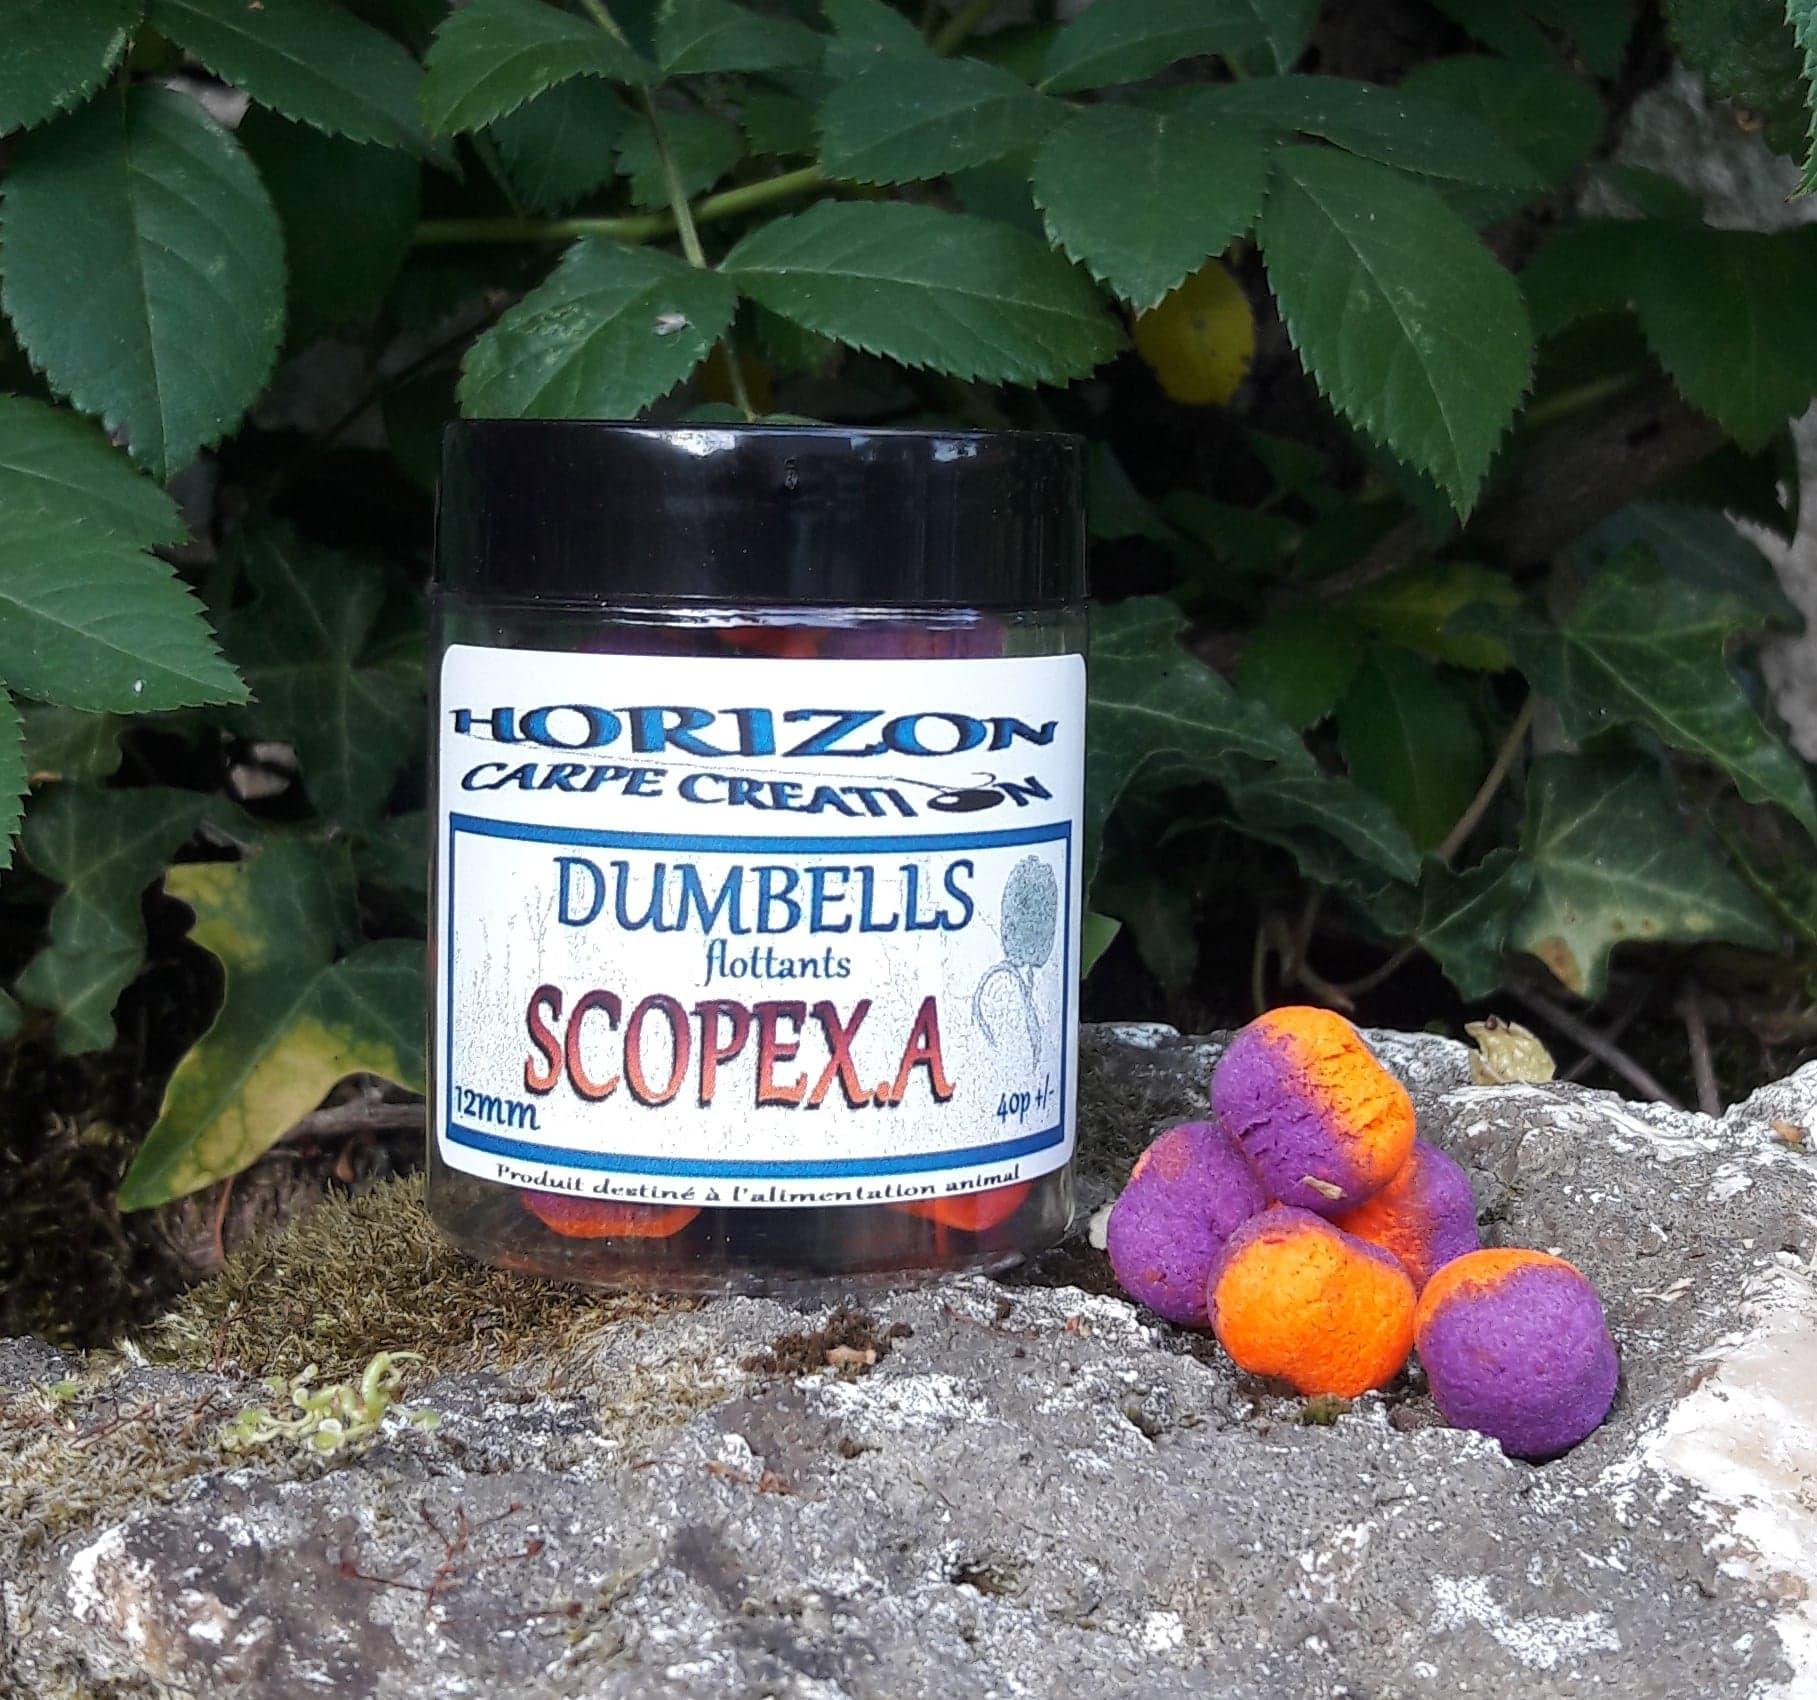 Dumbellscopex